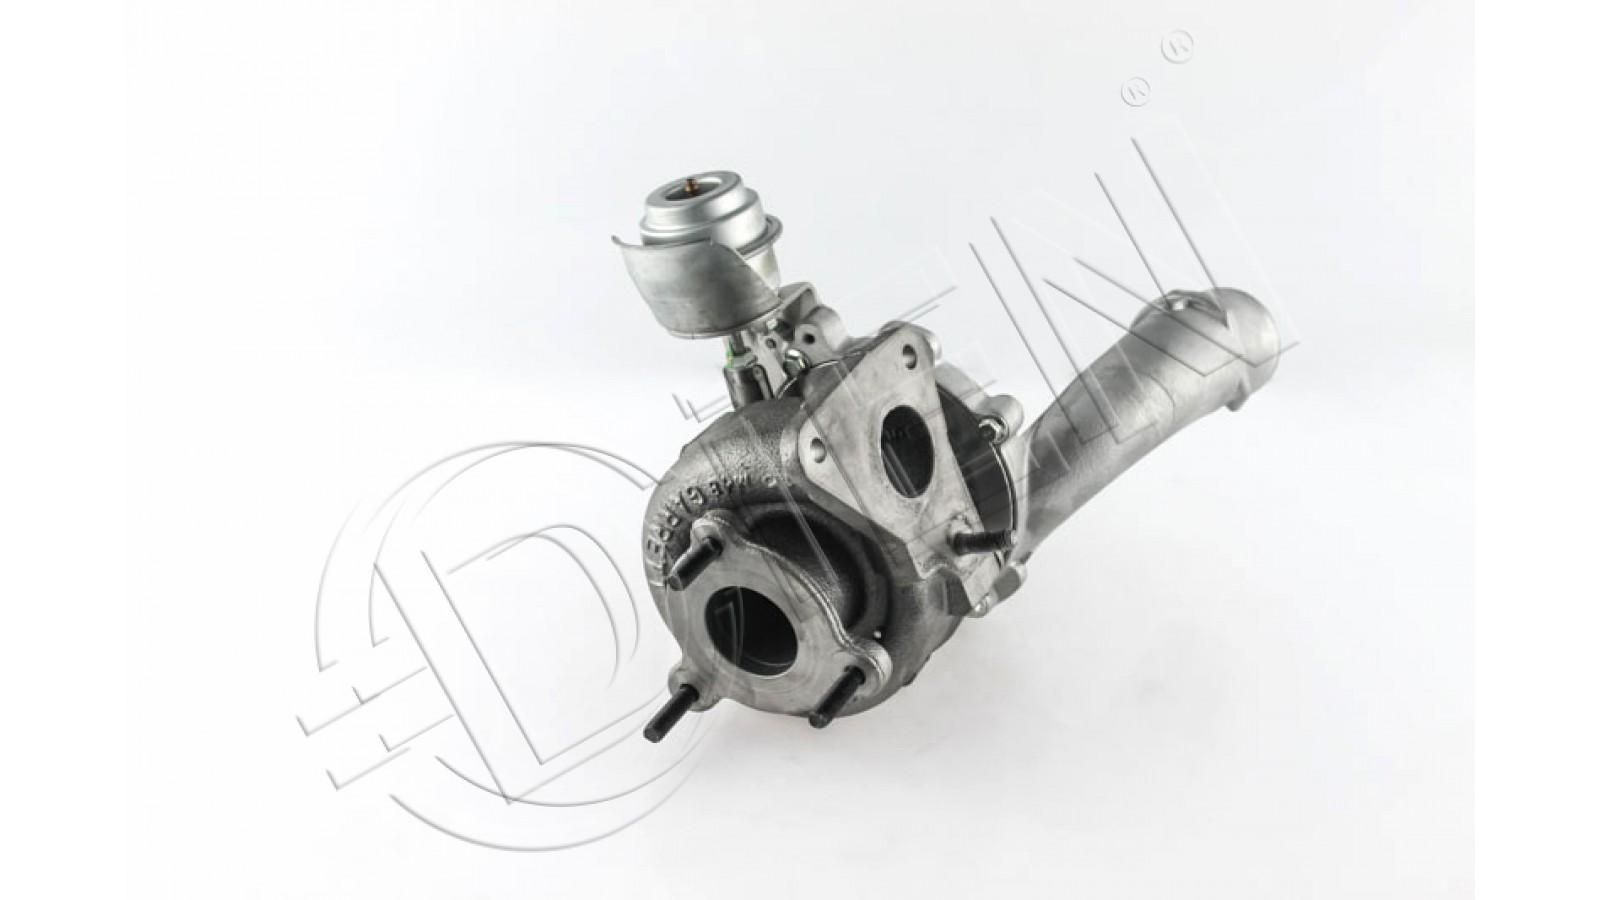 Turbocompressore  VOLVO  V40  1.9 DI  115Cv  1870ccm  lug 2000 - giu 2004